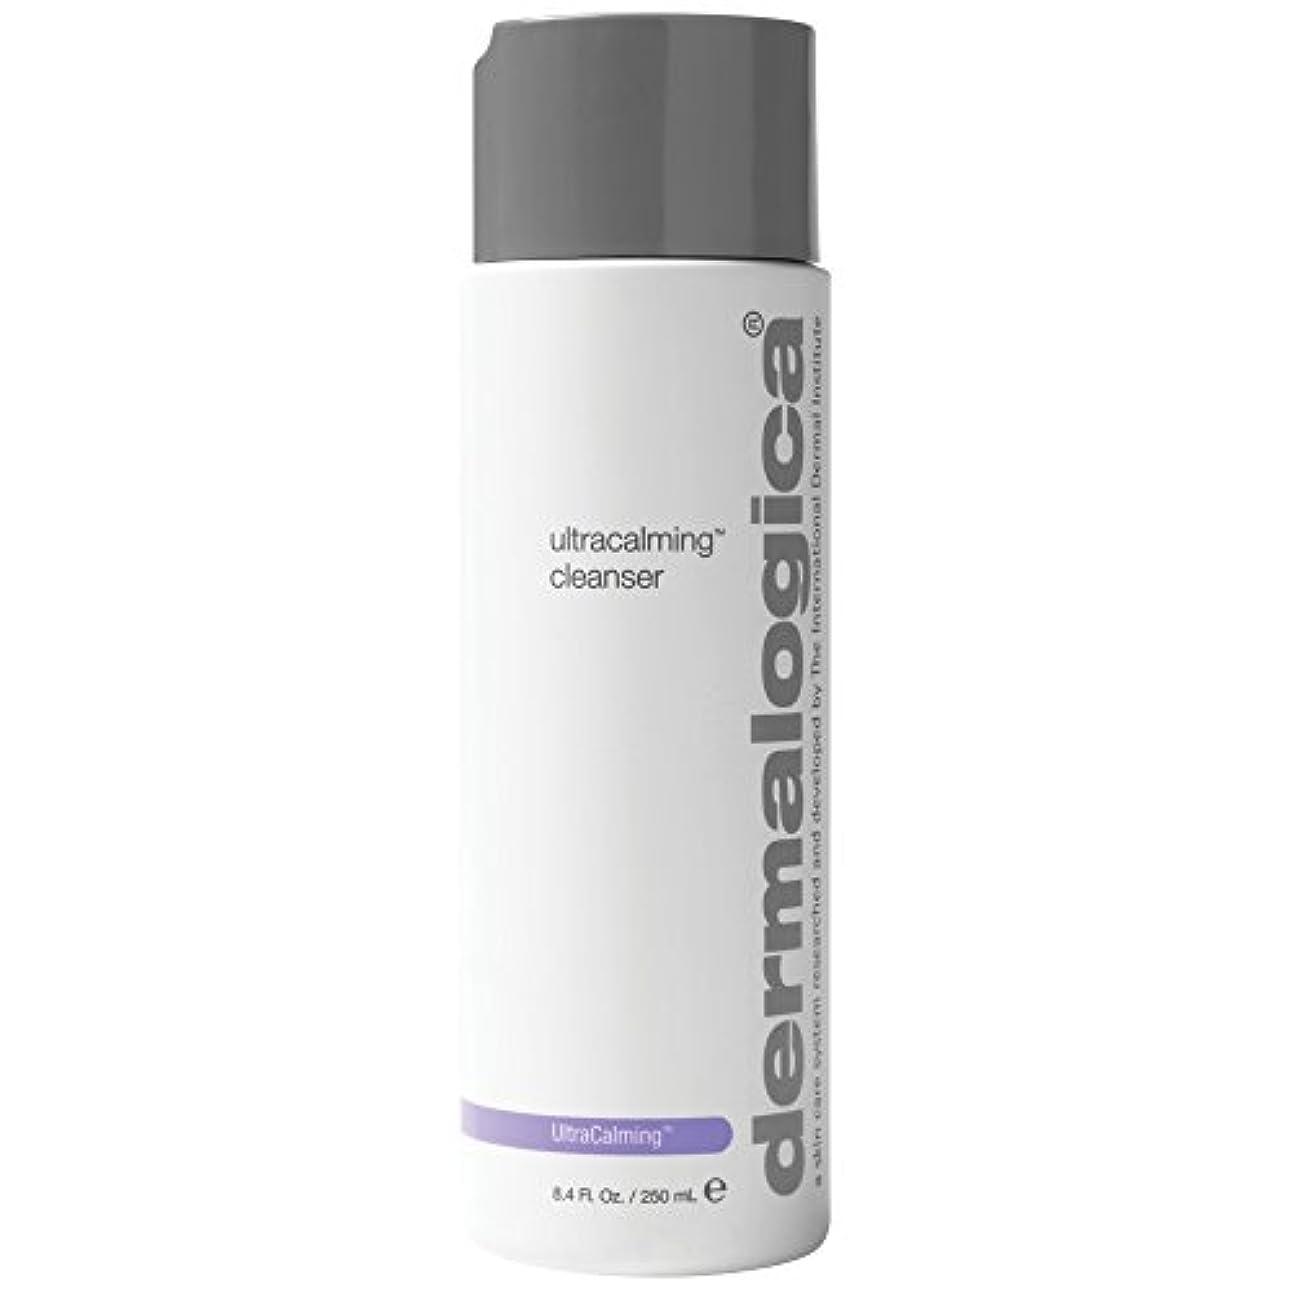 寛解浴ジャンプするダーマロジカUltracalming?クレンザーの250ミリリットル (Dermalogica) (x6) - Dermalogica UltraCalming? Cleanser 250ml (Pack of 6) [...